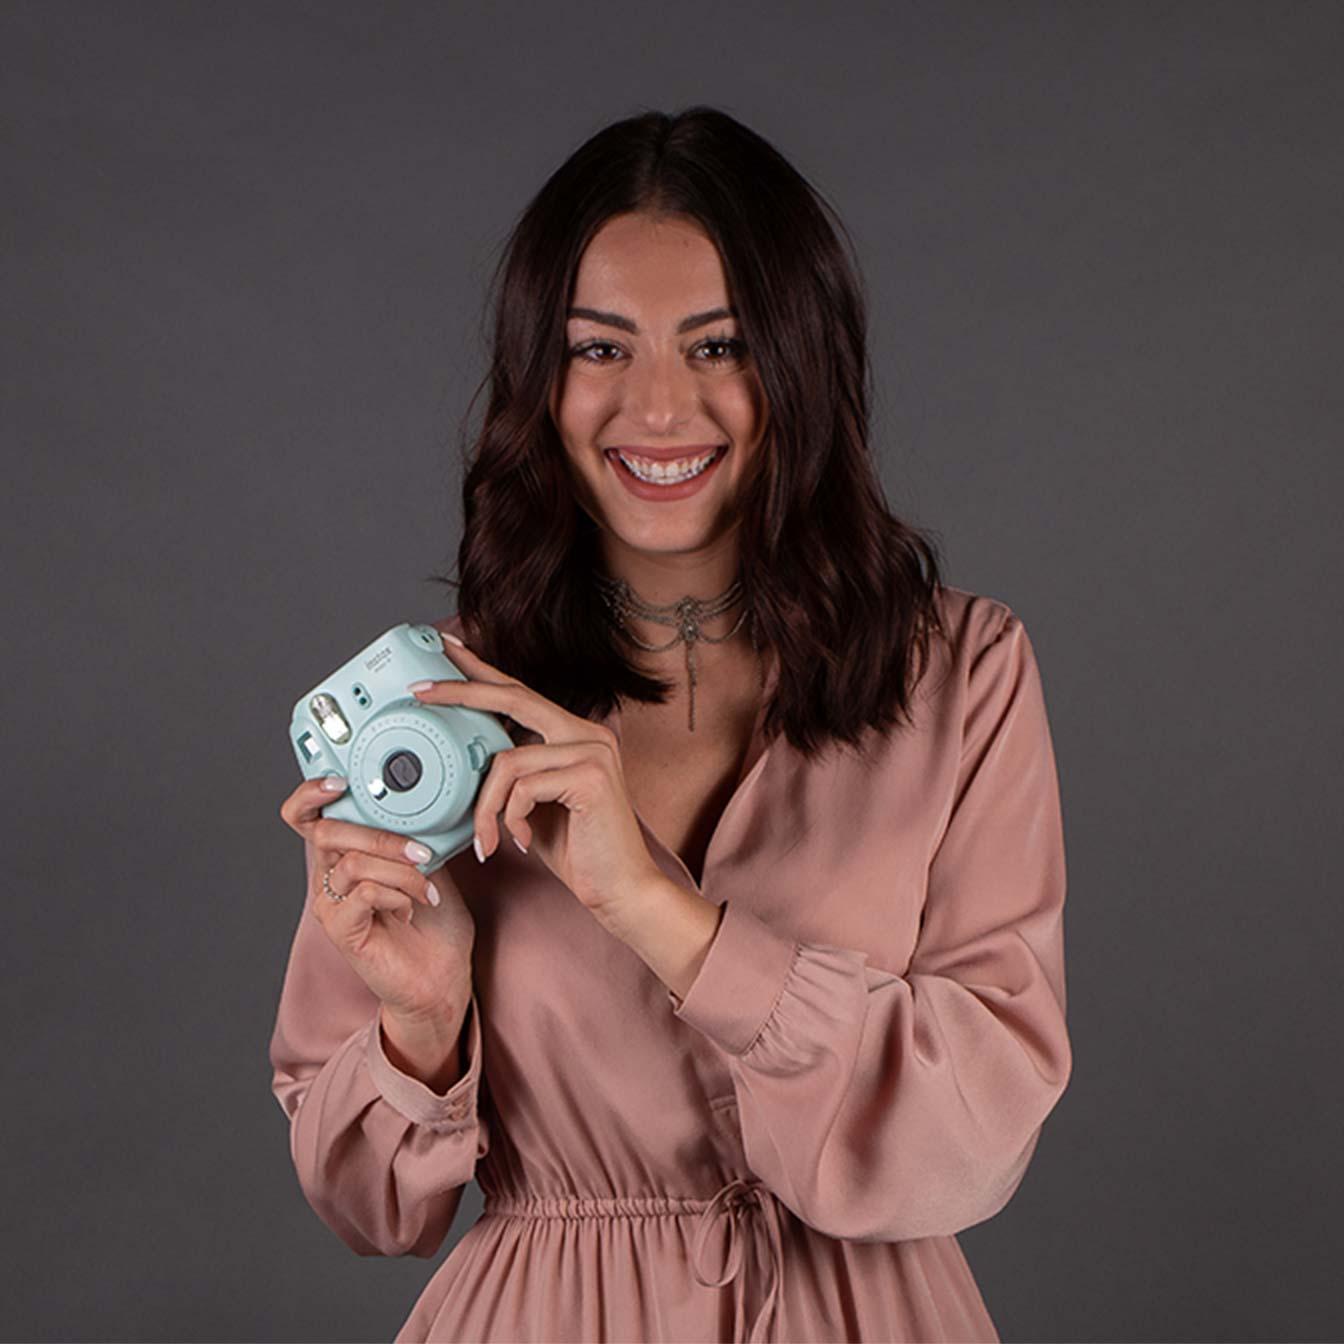 Braintrust Team Member Iolanda Focsa Social Media & Public Relations Coordinator